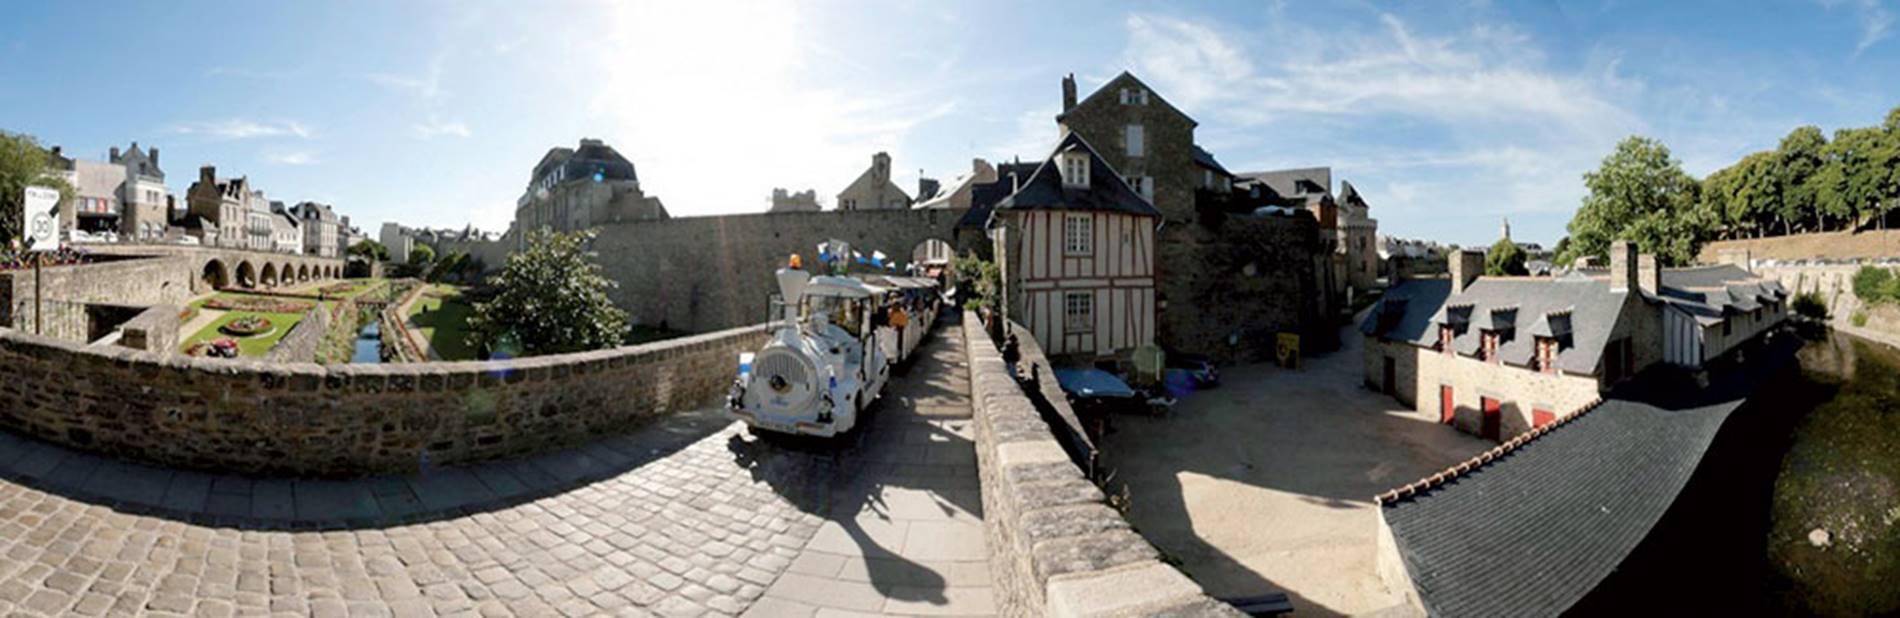 Petit-train-Touristique-Vannes-Golfe-du-Morbihan-Bretagne-Sud © Petit train de Vannes